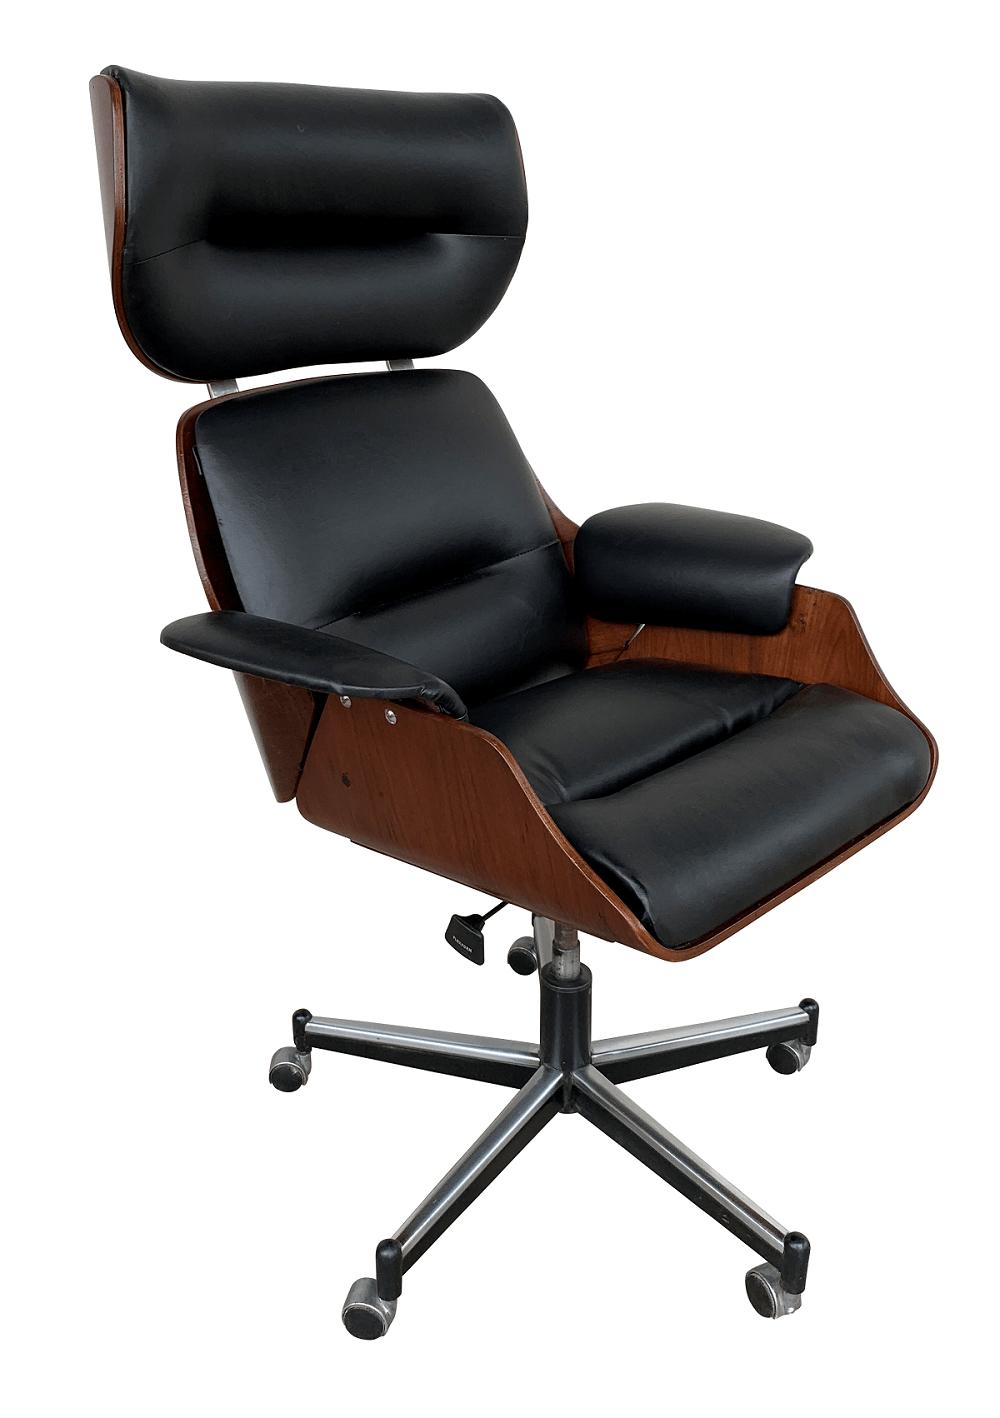 Antiga Cadeira Escritorio Giratoria Design Estilo Charles Eames